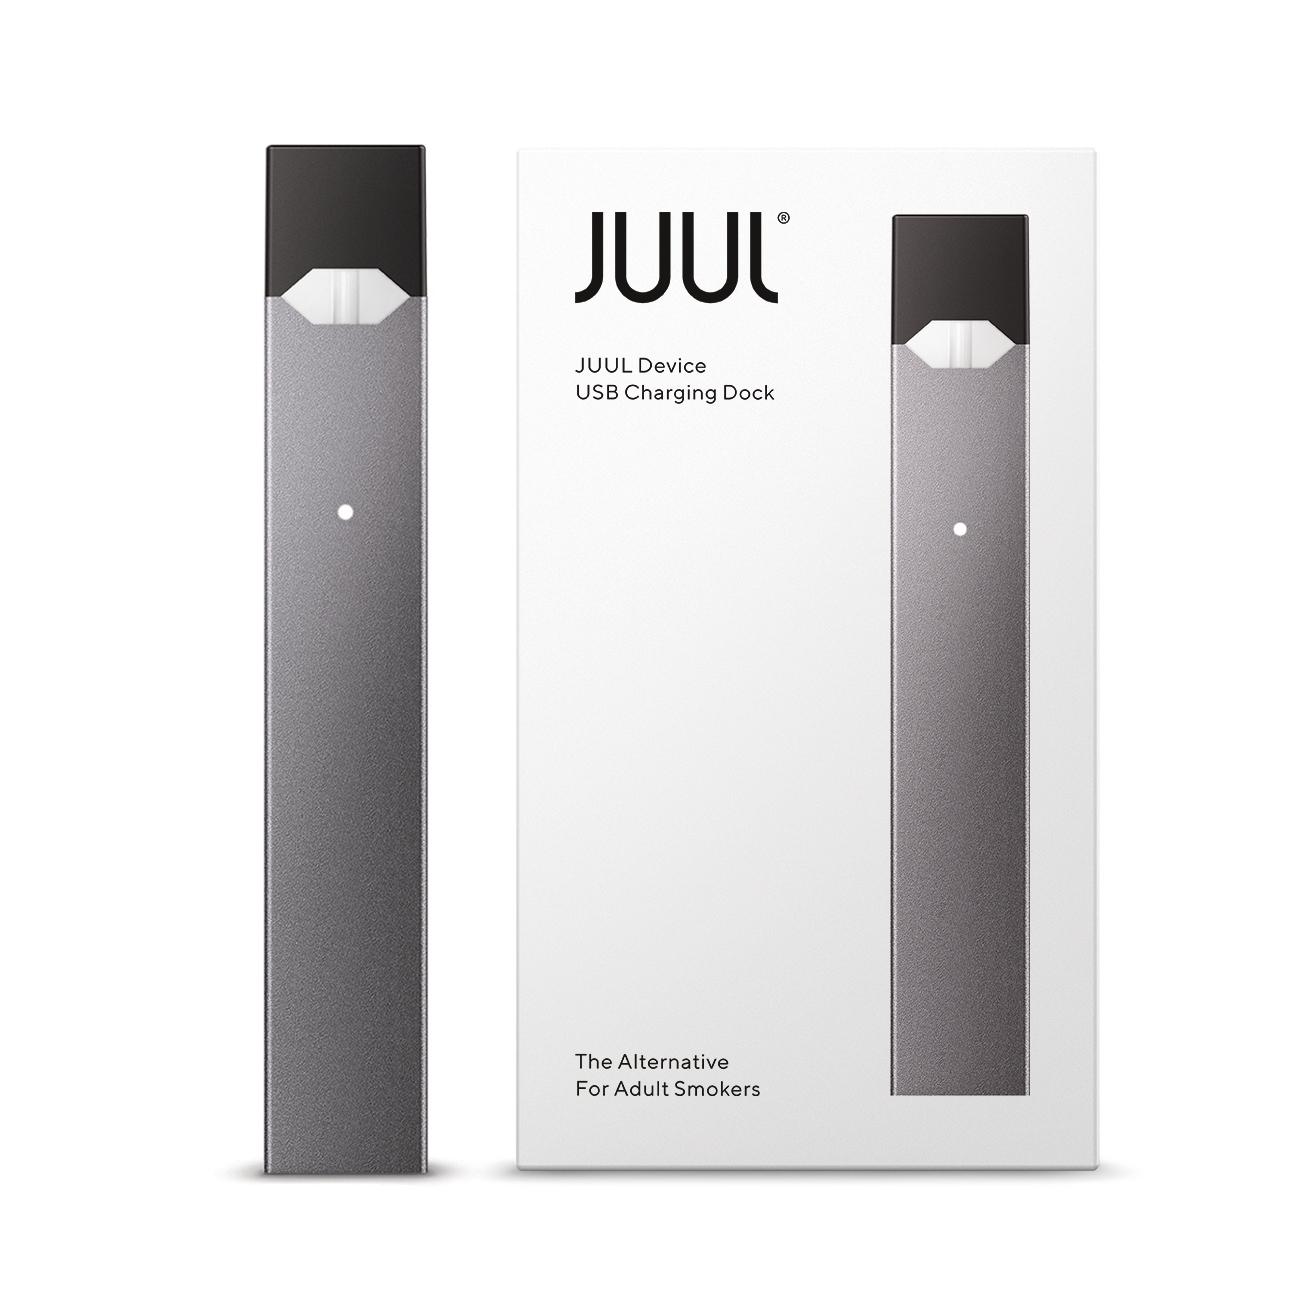 Джул электронная сигарета где купить картриджи сигареты прима астра оптом